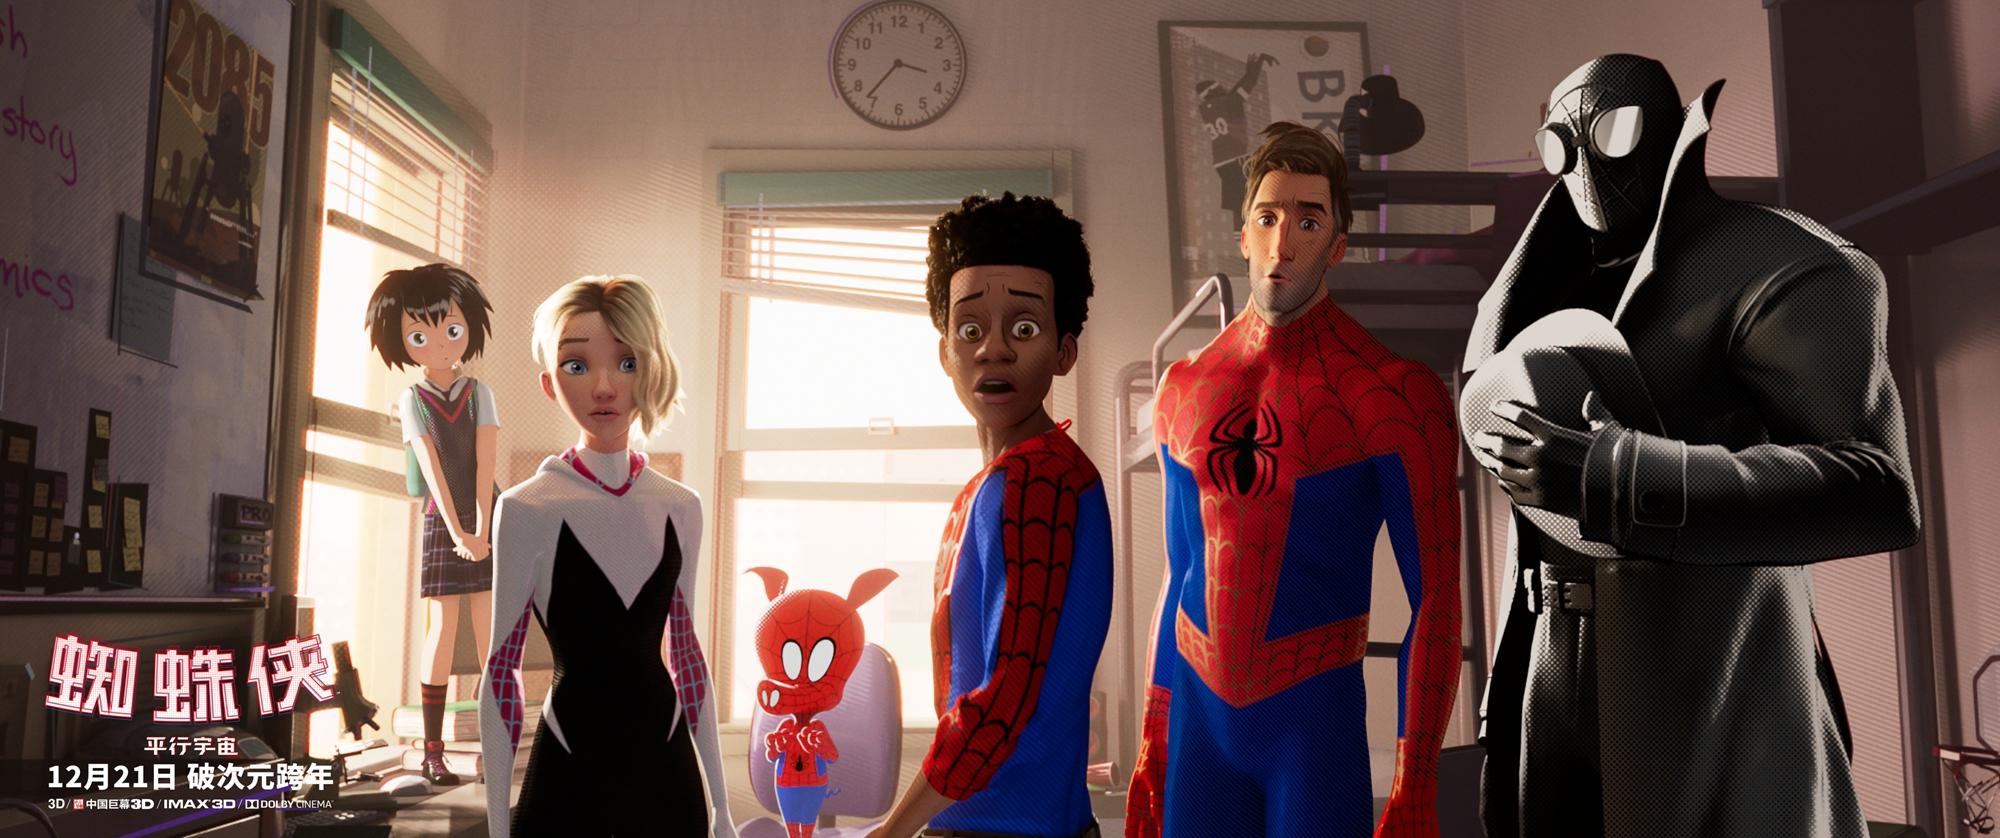 六位蜘蛛俠銀幕首次同框,共同對抗最強反派 3